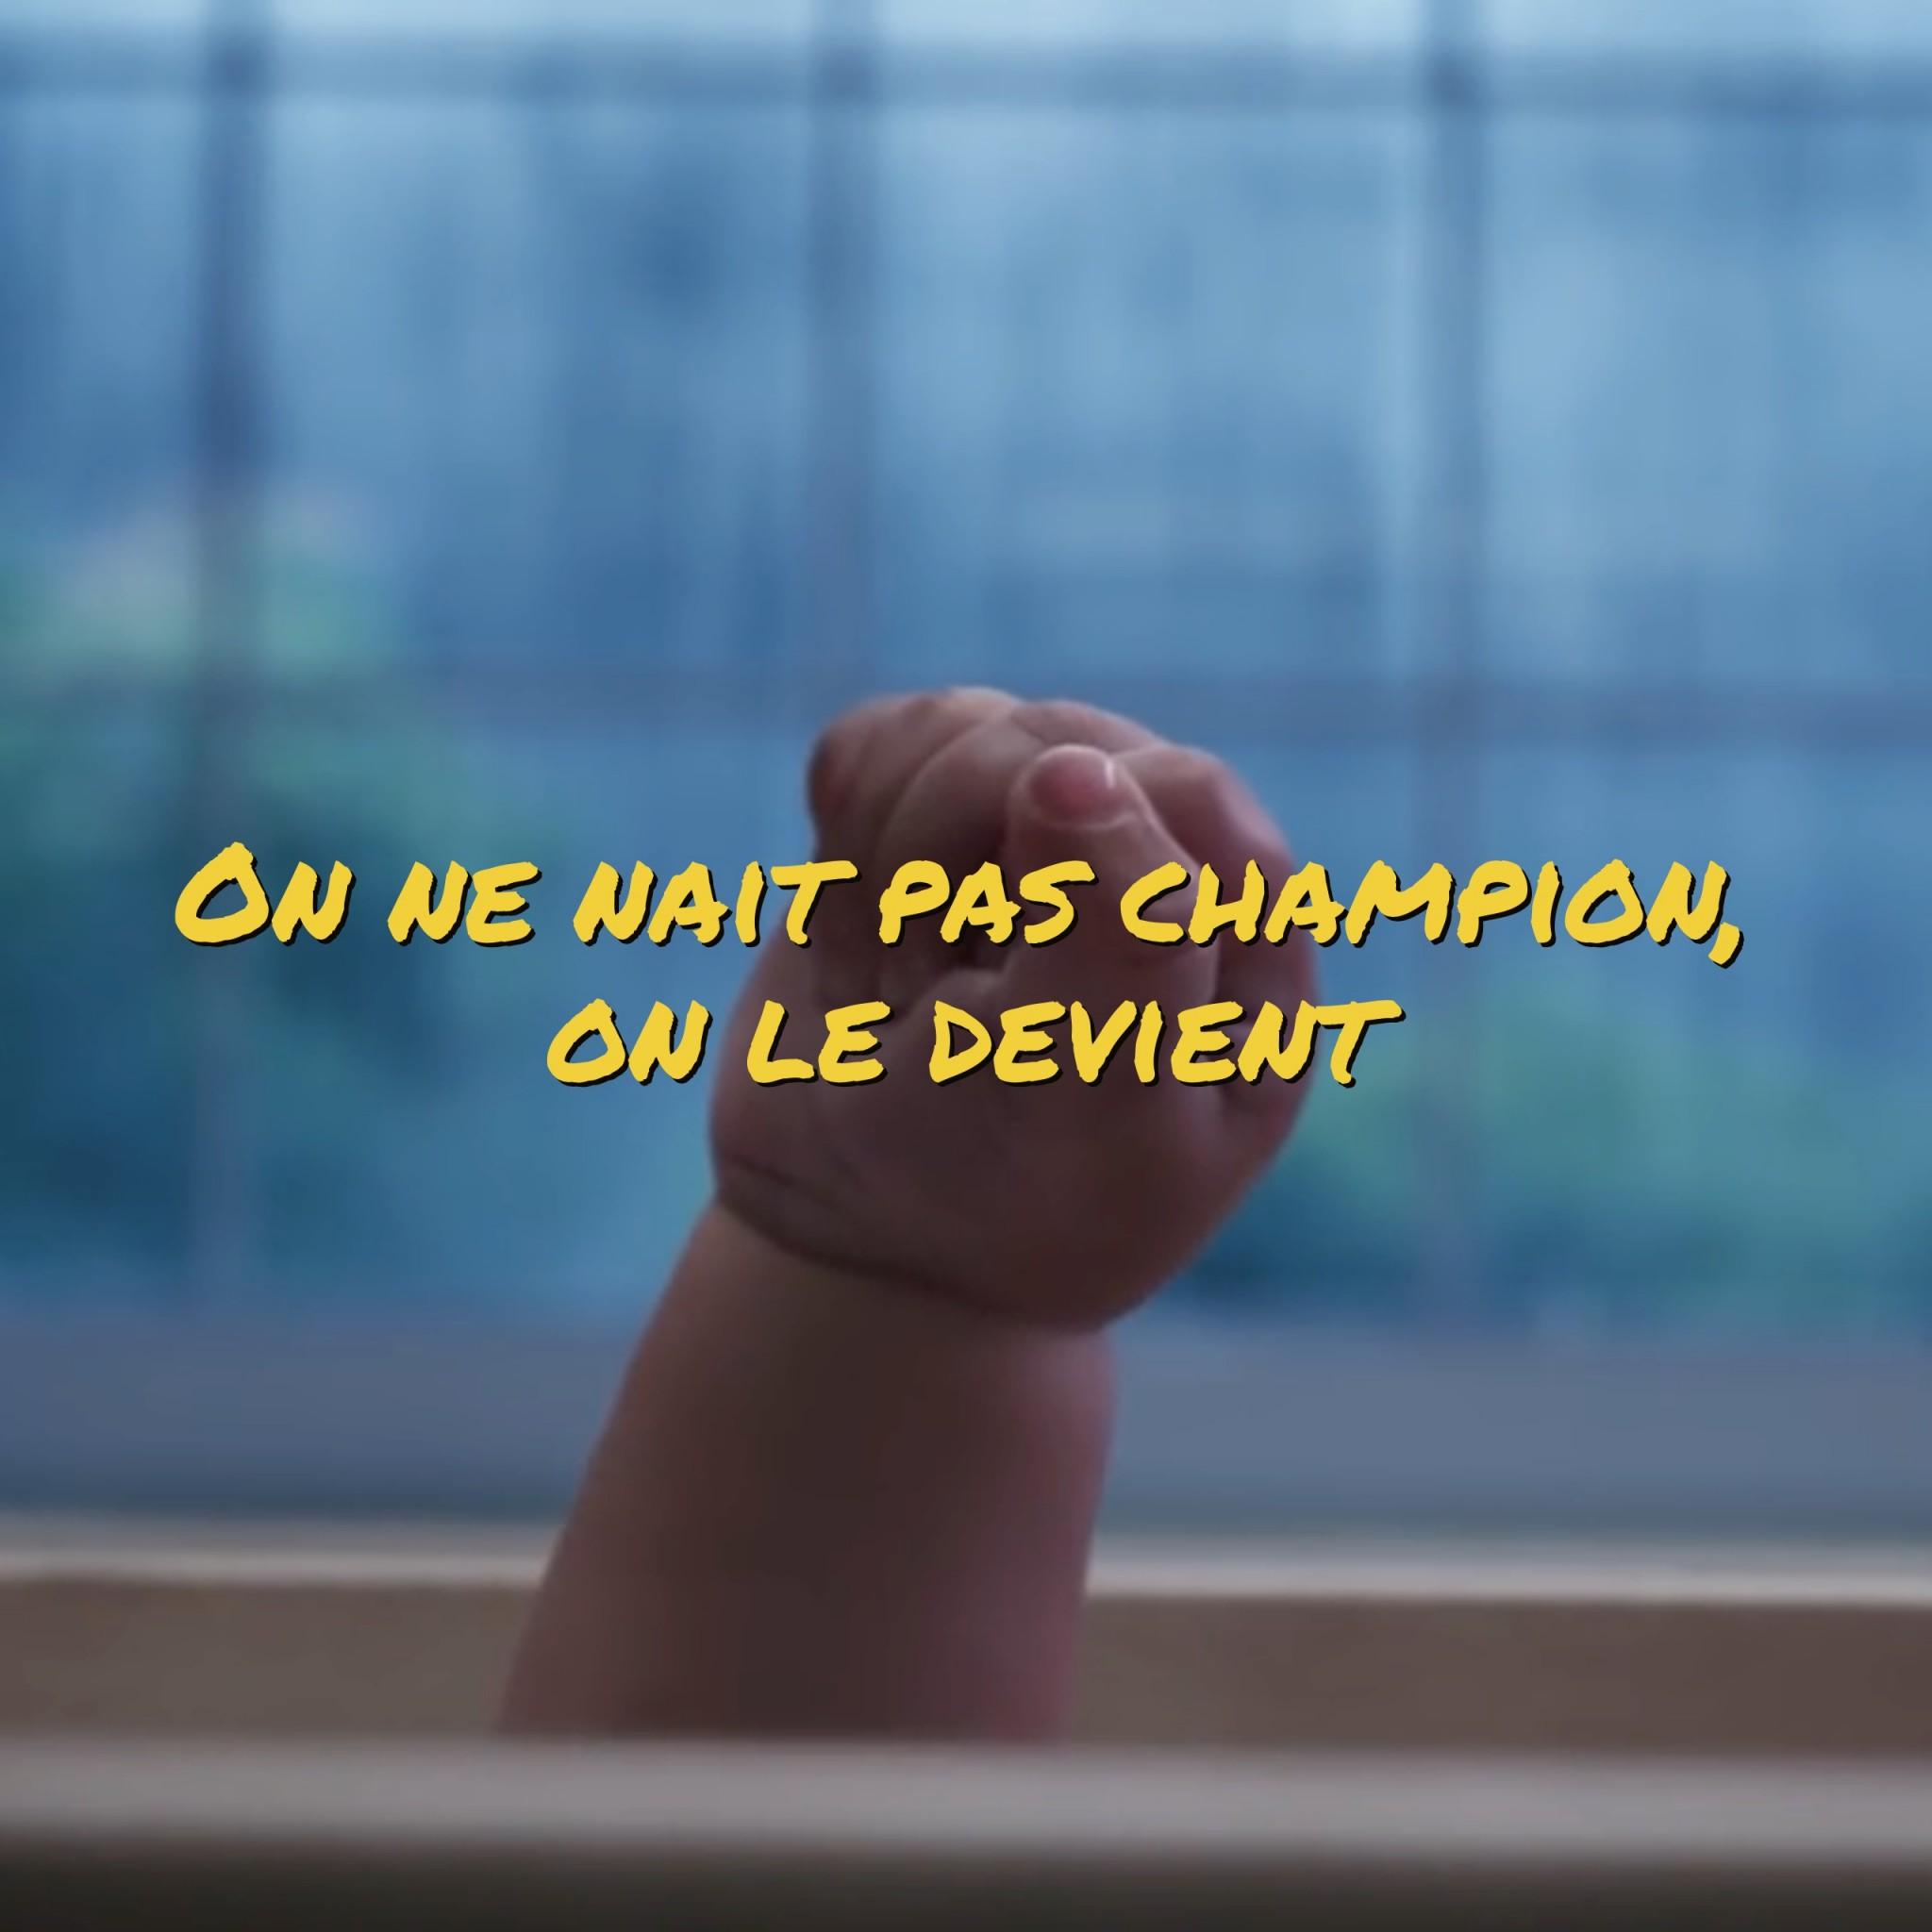 On ne nait pas champion, on le devient (vidéo)